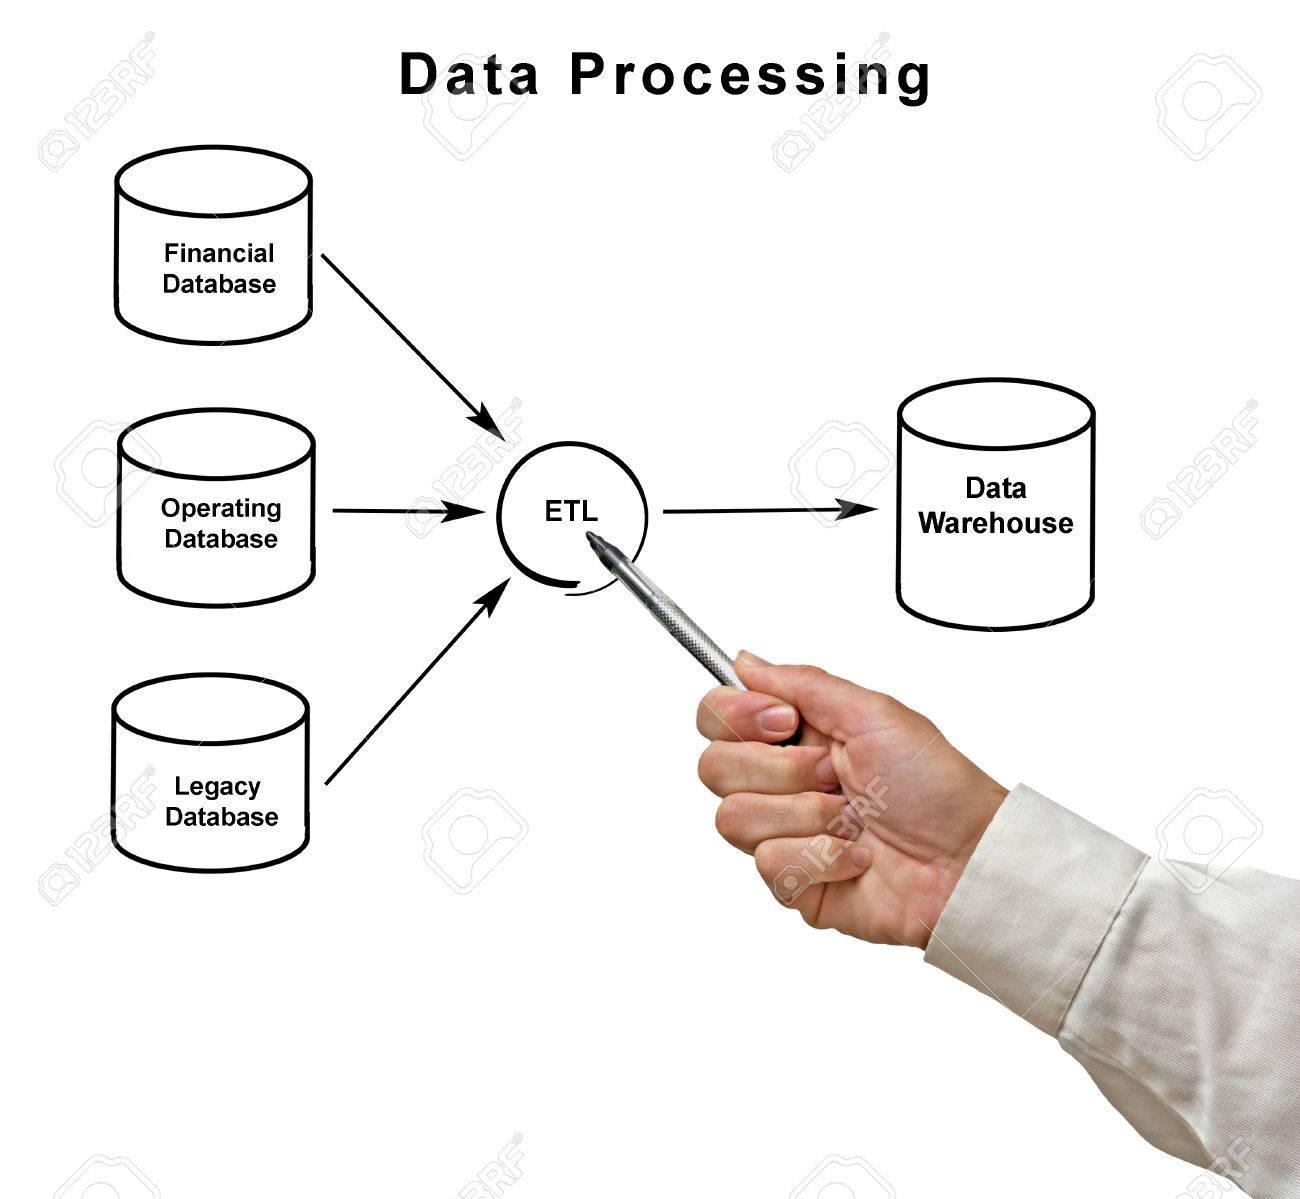 data processing diagram photo album   diagramsdiagram of data processing stock photo picture and royalty free